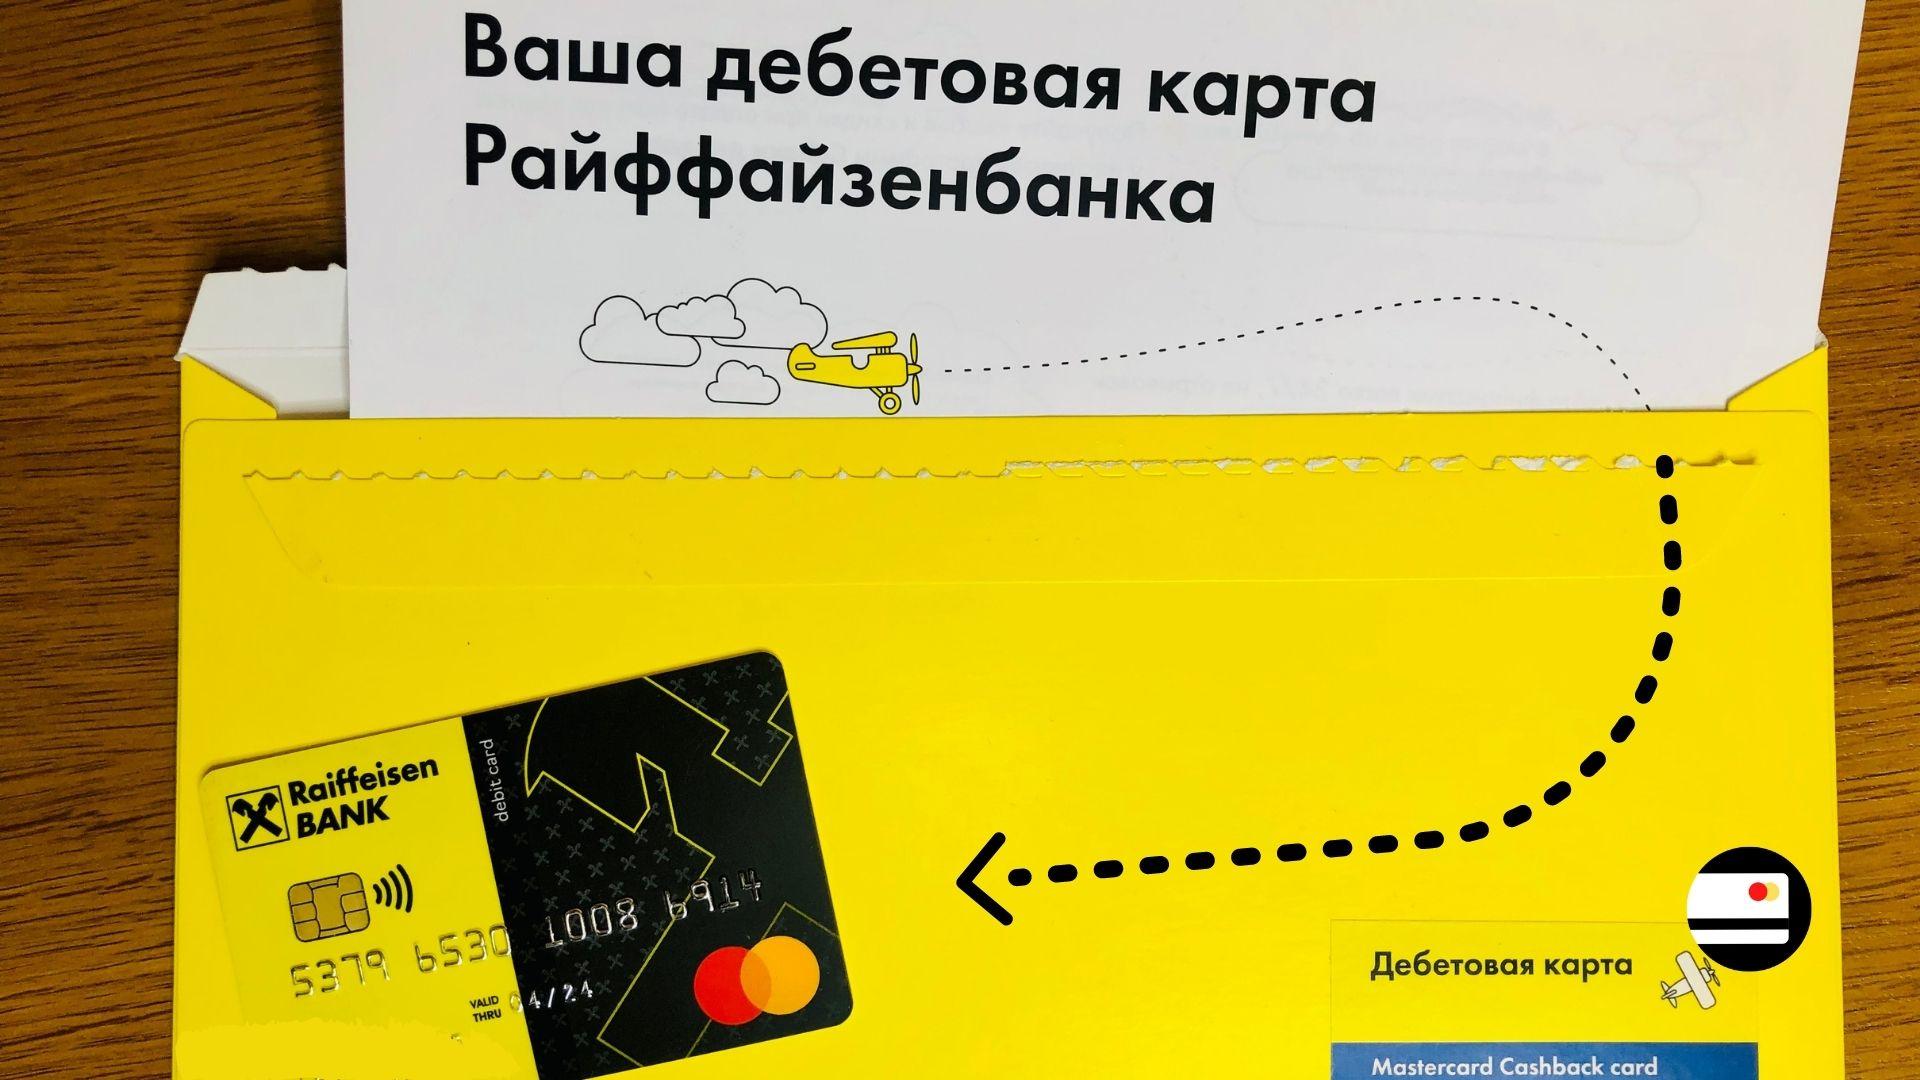 Бесплатная моментальная карта Райффайзен про доставку курьером